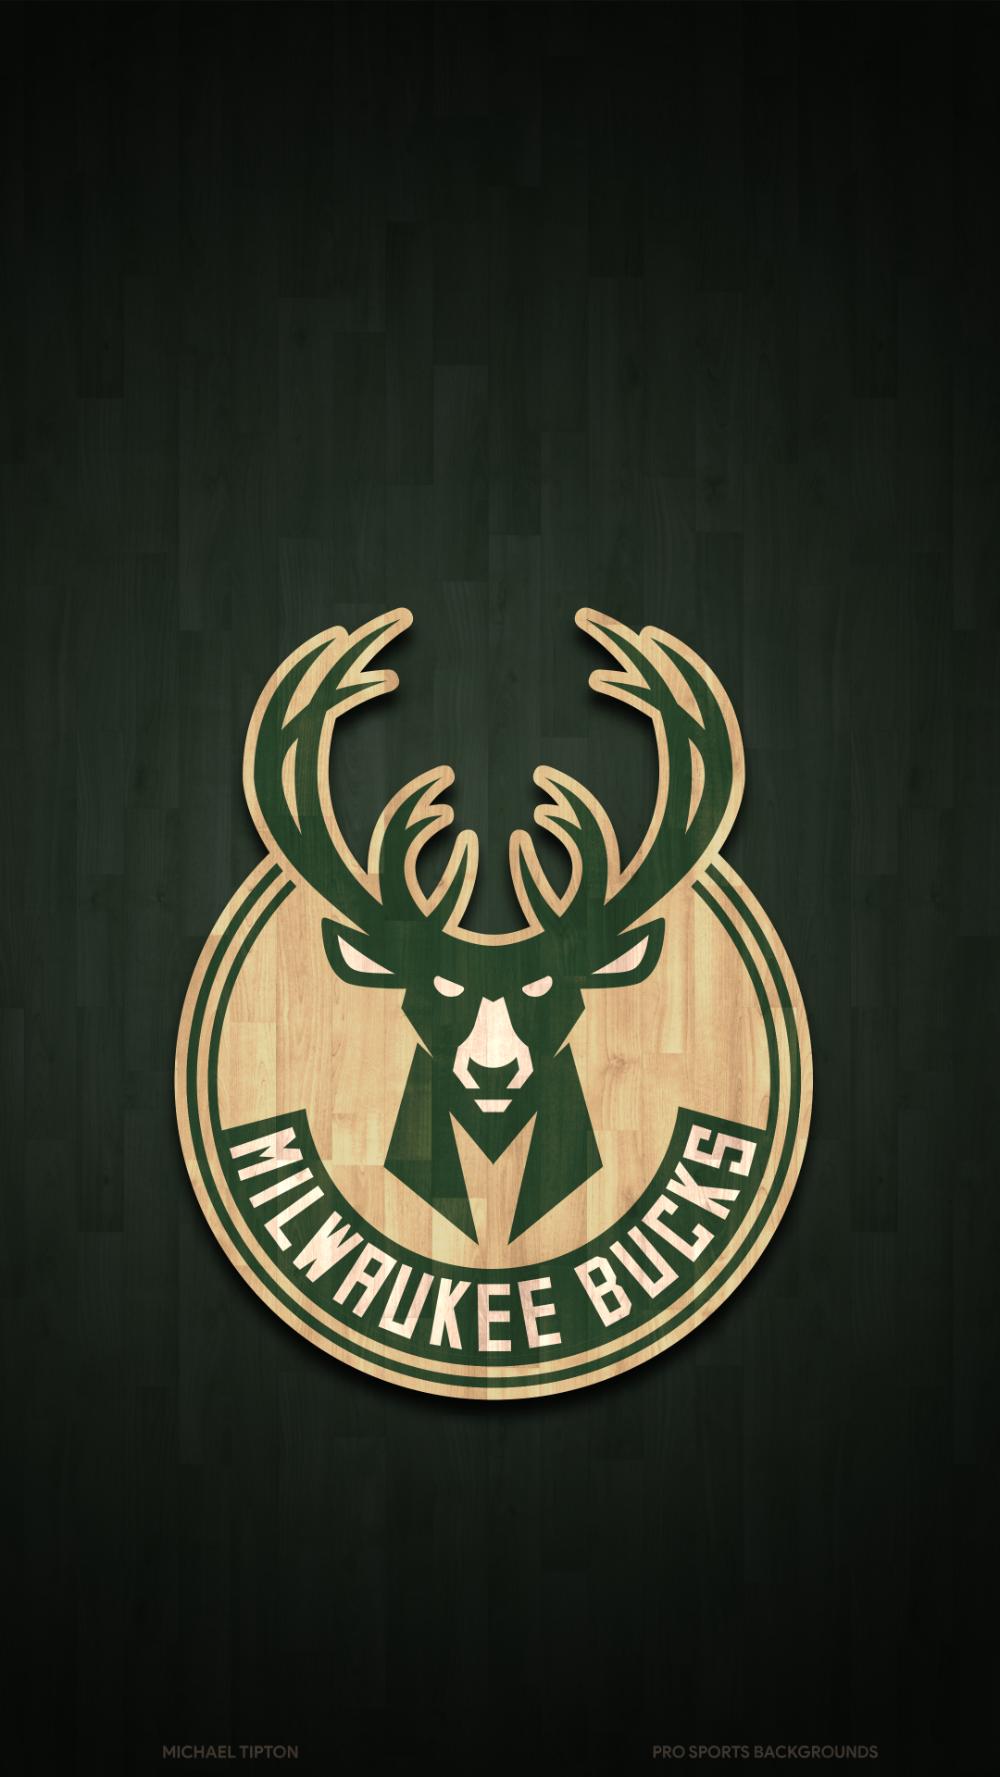 Milwaukee Bucks Wallpapers Pro Sports Backgrounds Milwaukee Bucks Nba Wallpapers Basketball Wallpaper